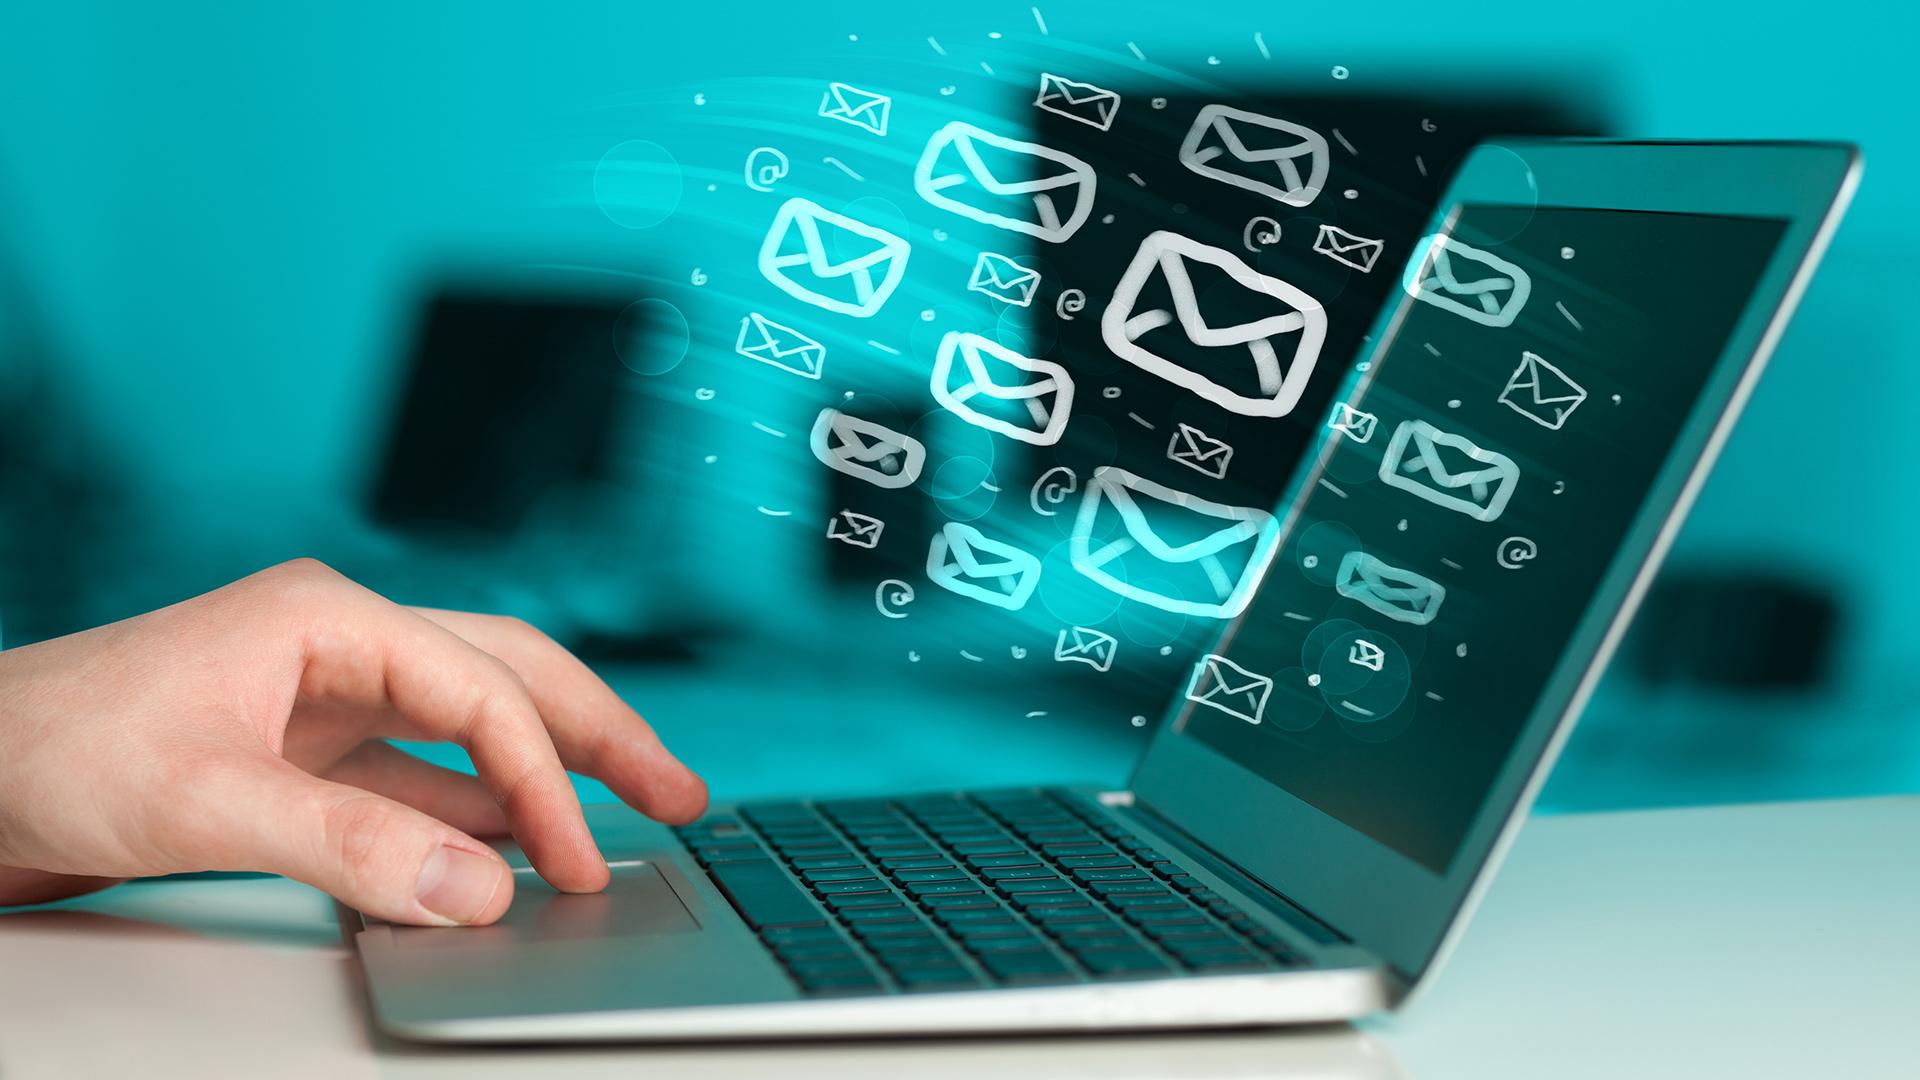 bí quyết quản lý email hiệu quả